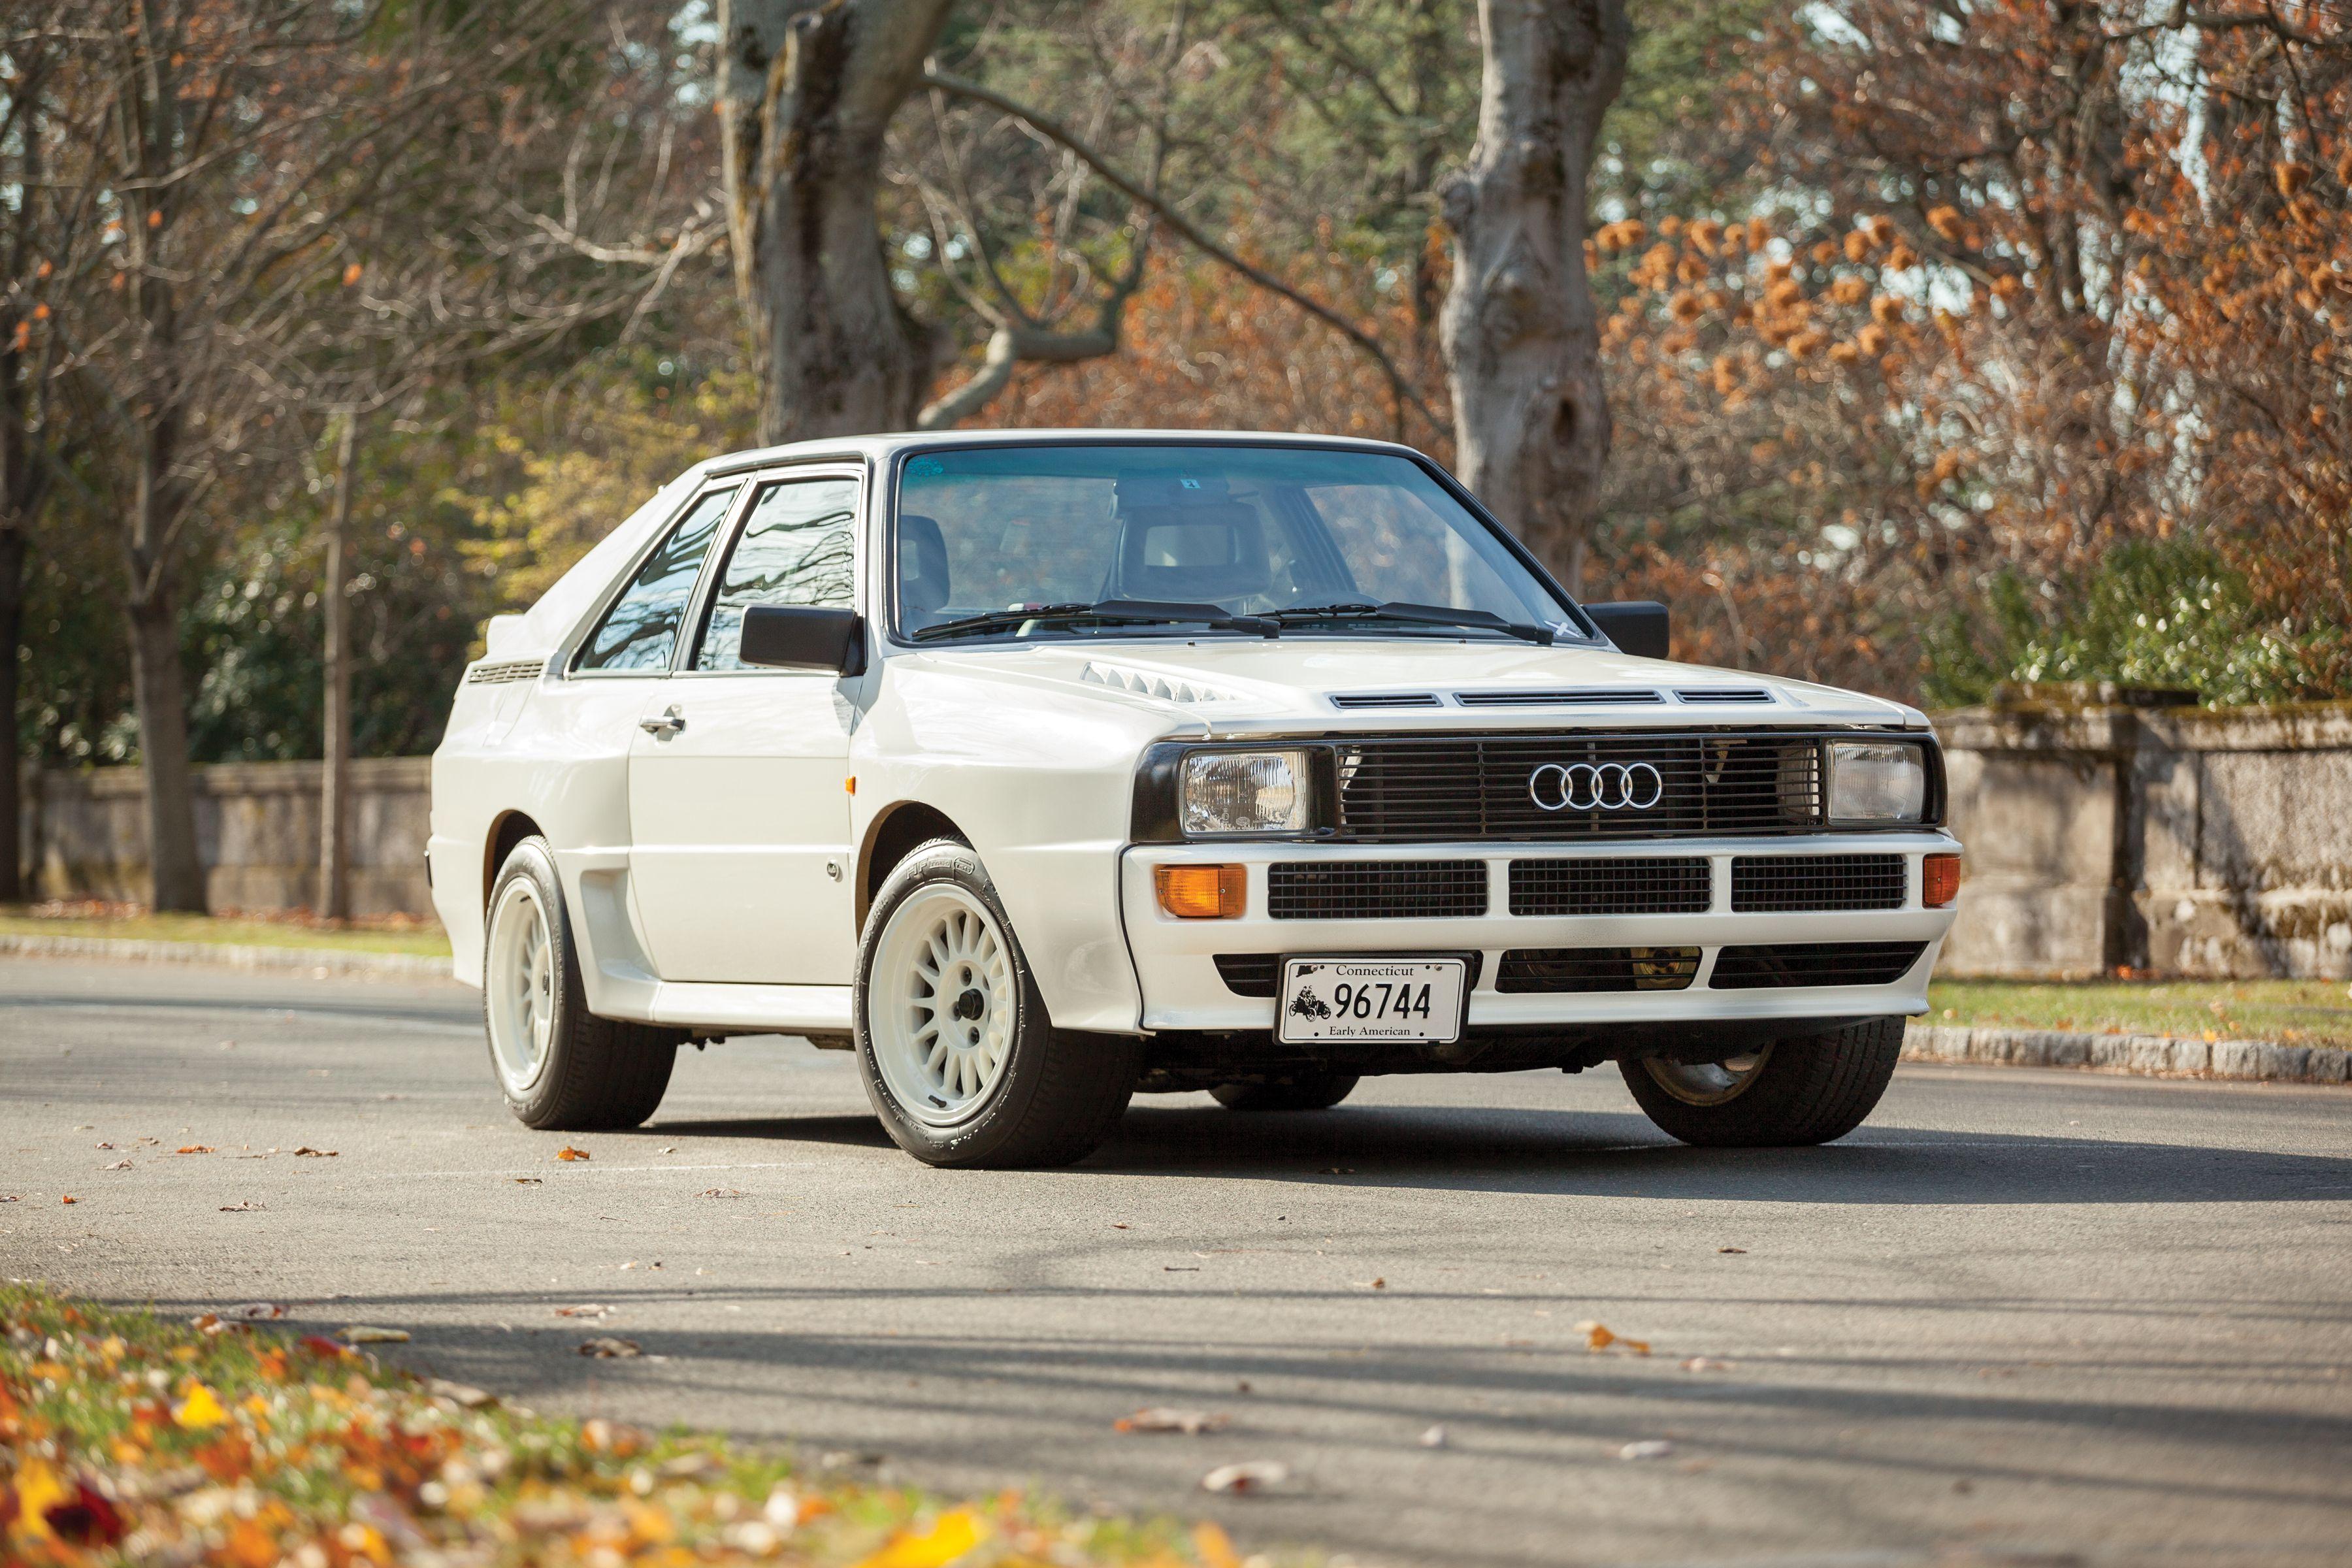 s 1984 Audi Sport Quattro